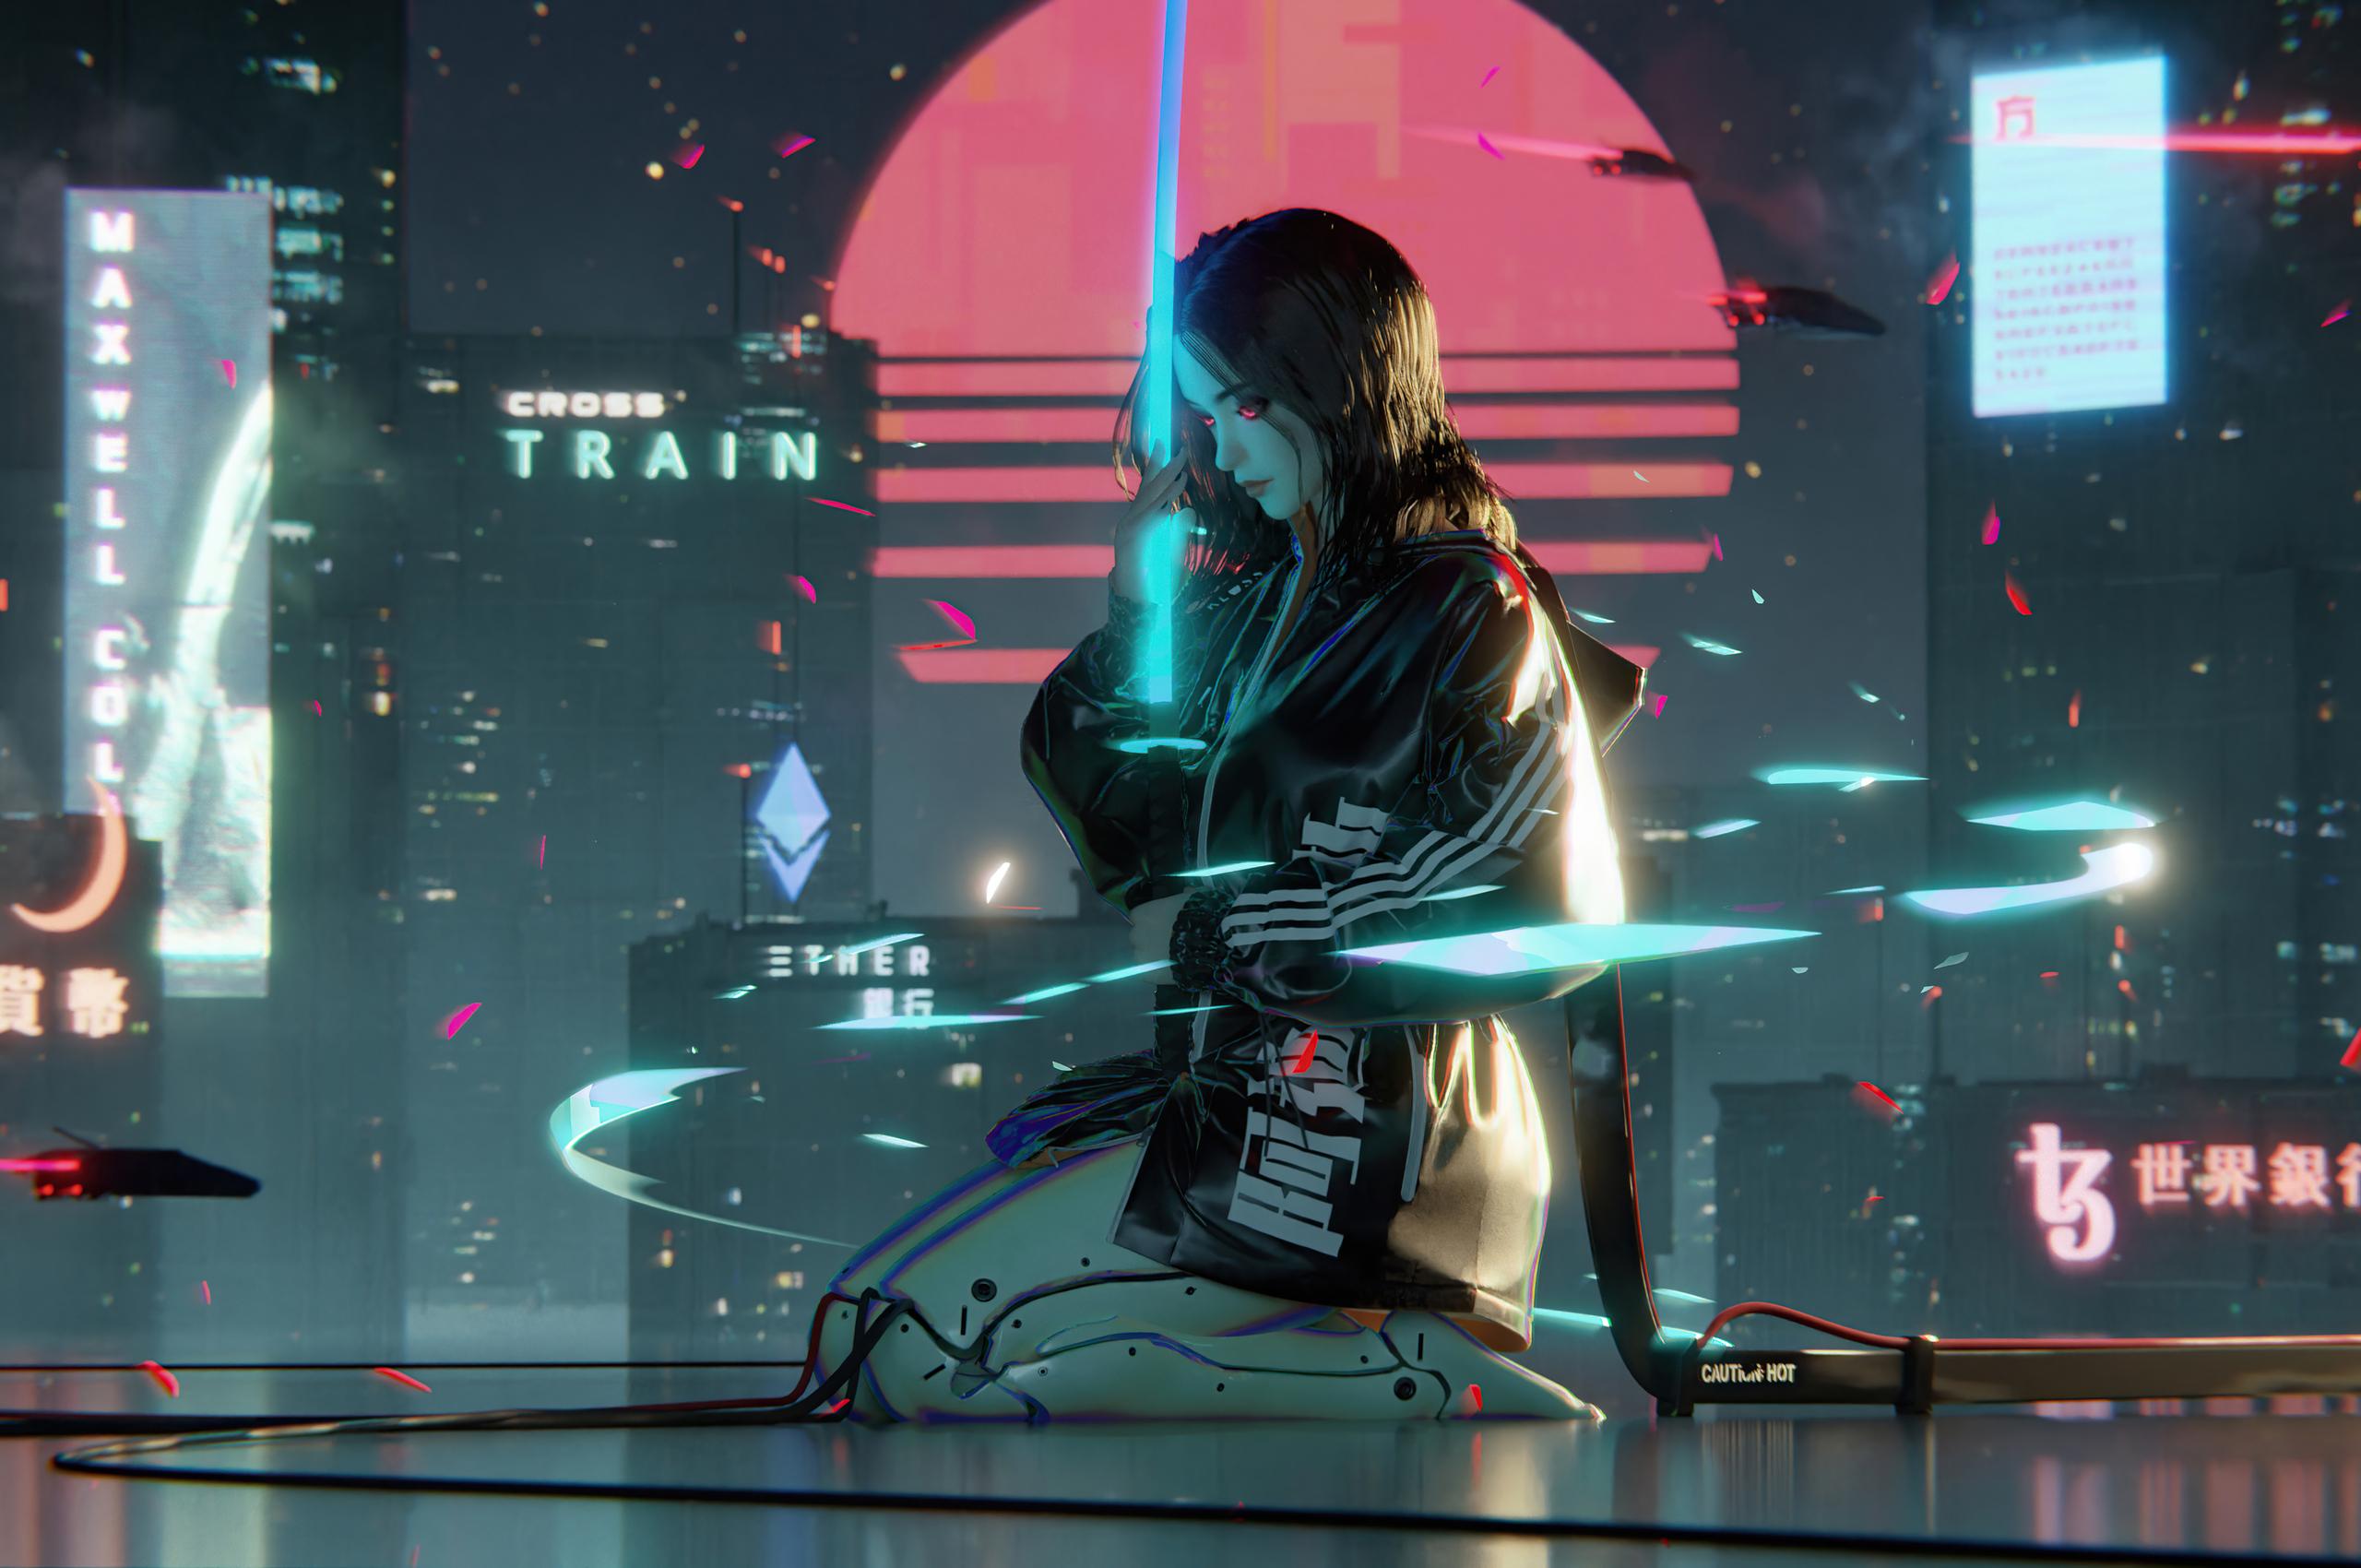 charging-cyberpunk-girl-5k-x3.jpg